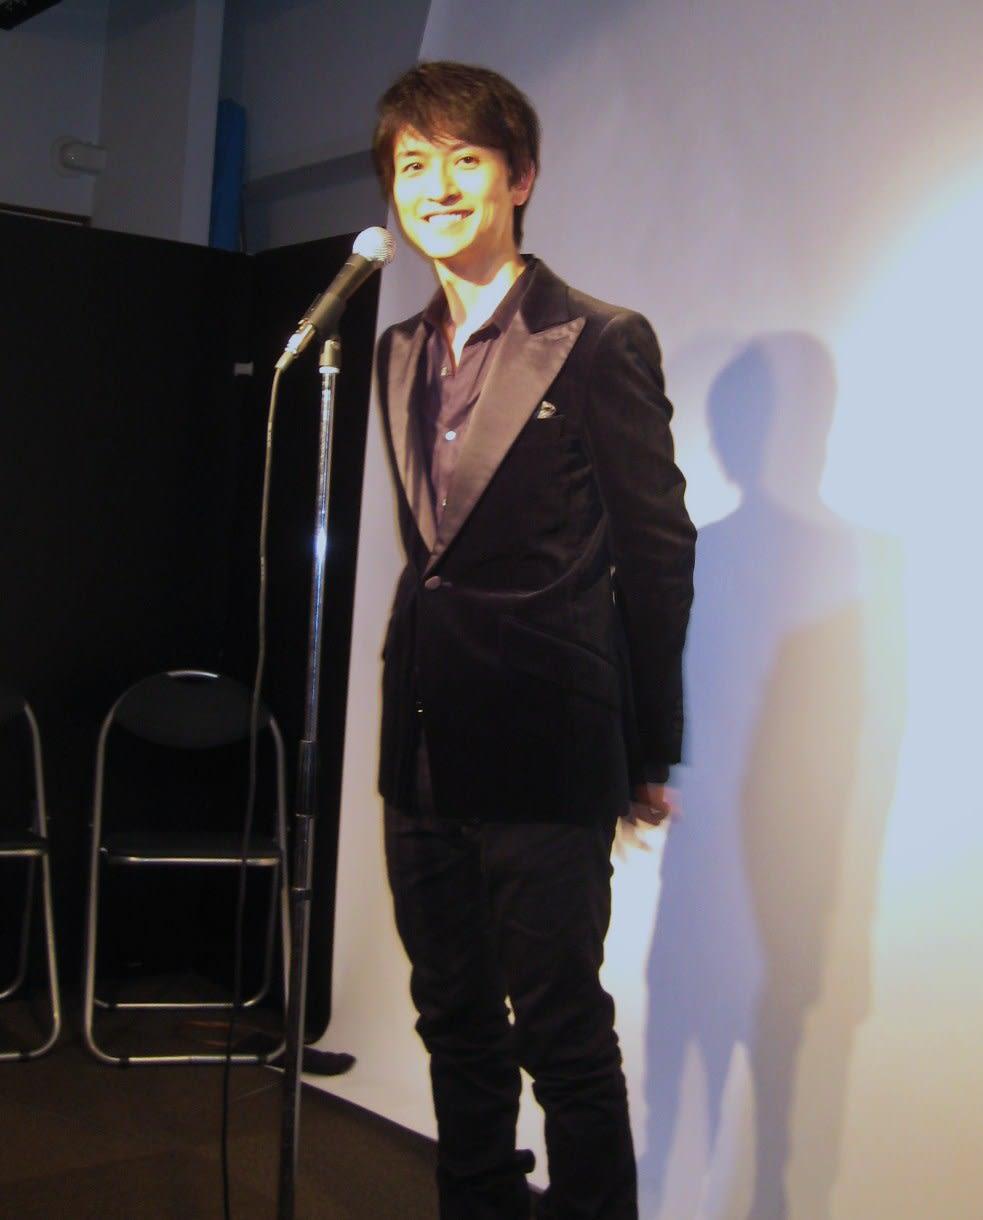 ♪ テノール歌手大瀧賢一郎ファンクラブOH!!TAKKI 発足(閲覧22796人 ...